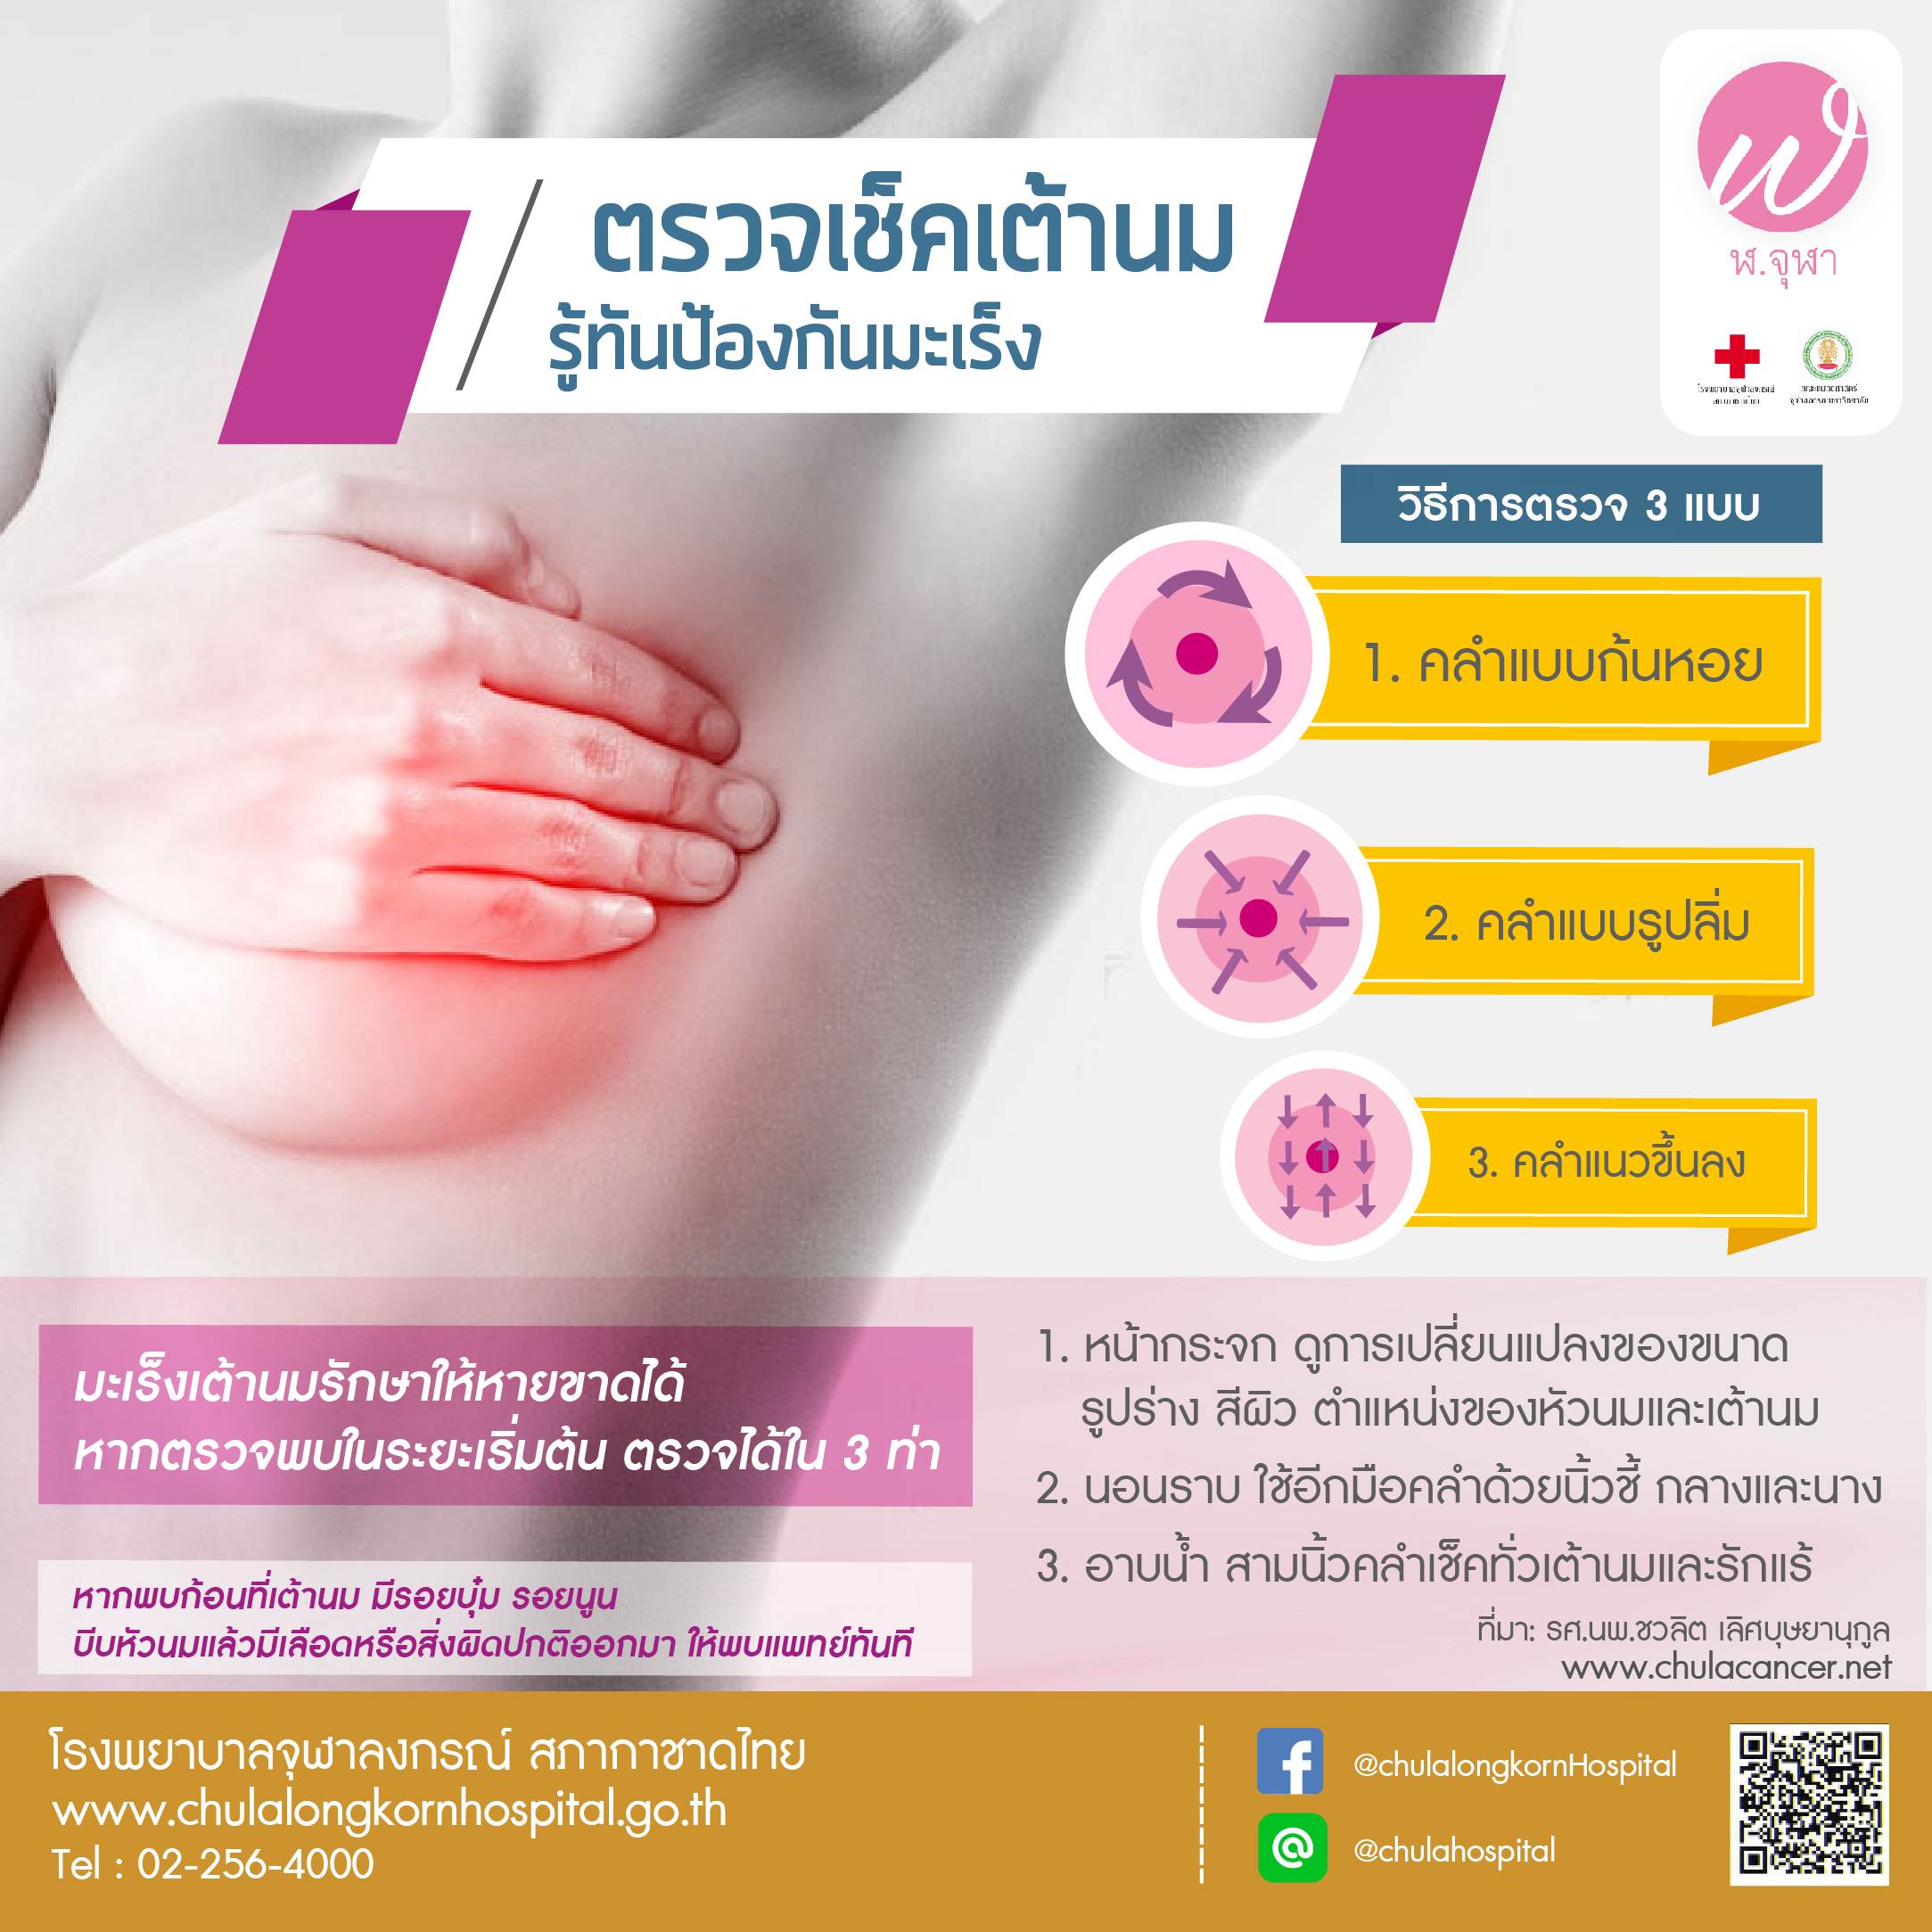 ตรวจเช็คเต้านม รู้ทันป้องกันมะเร็ง